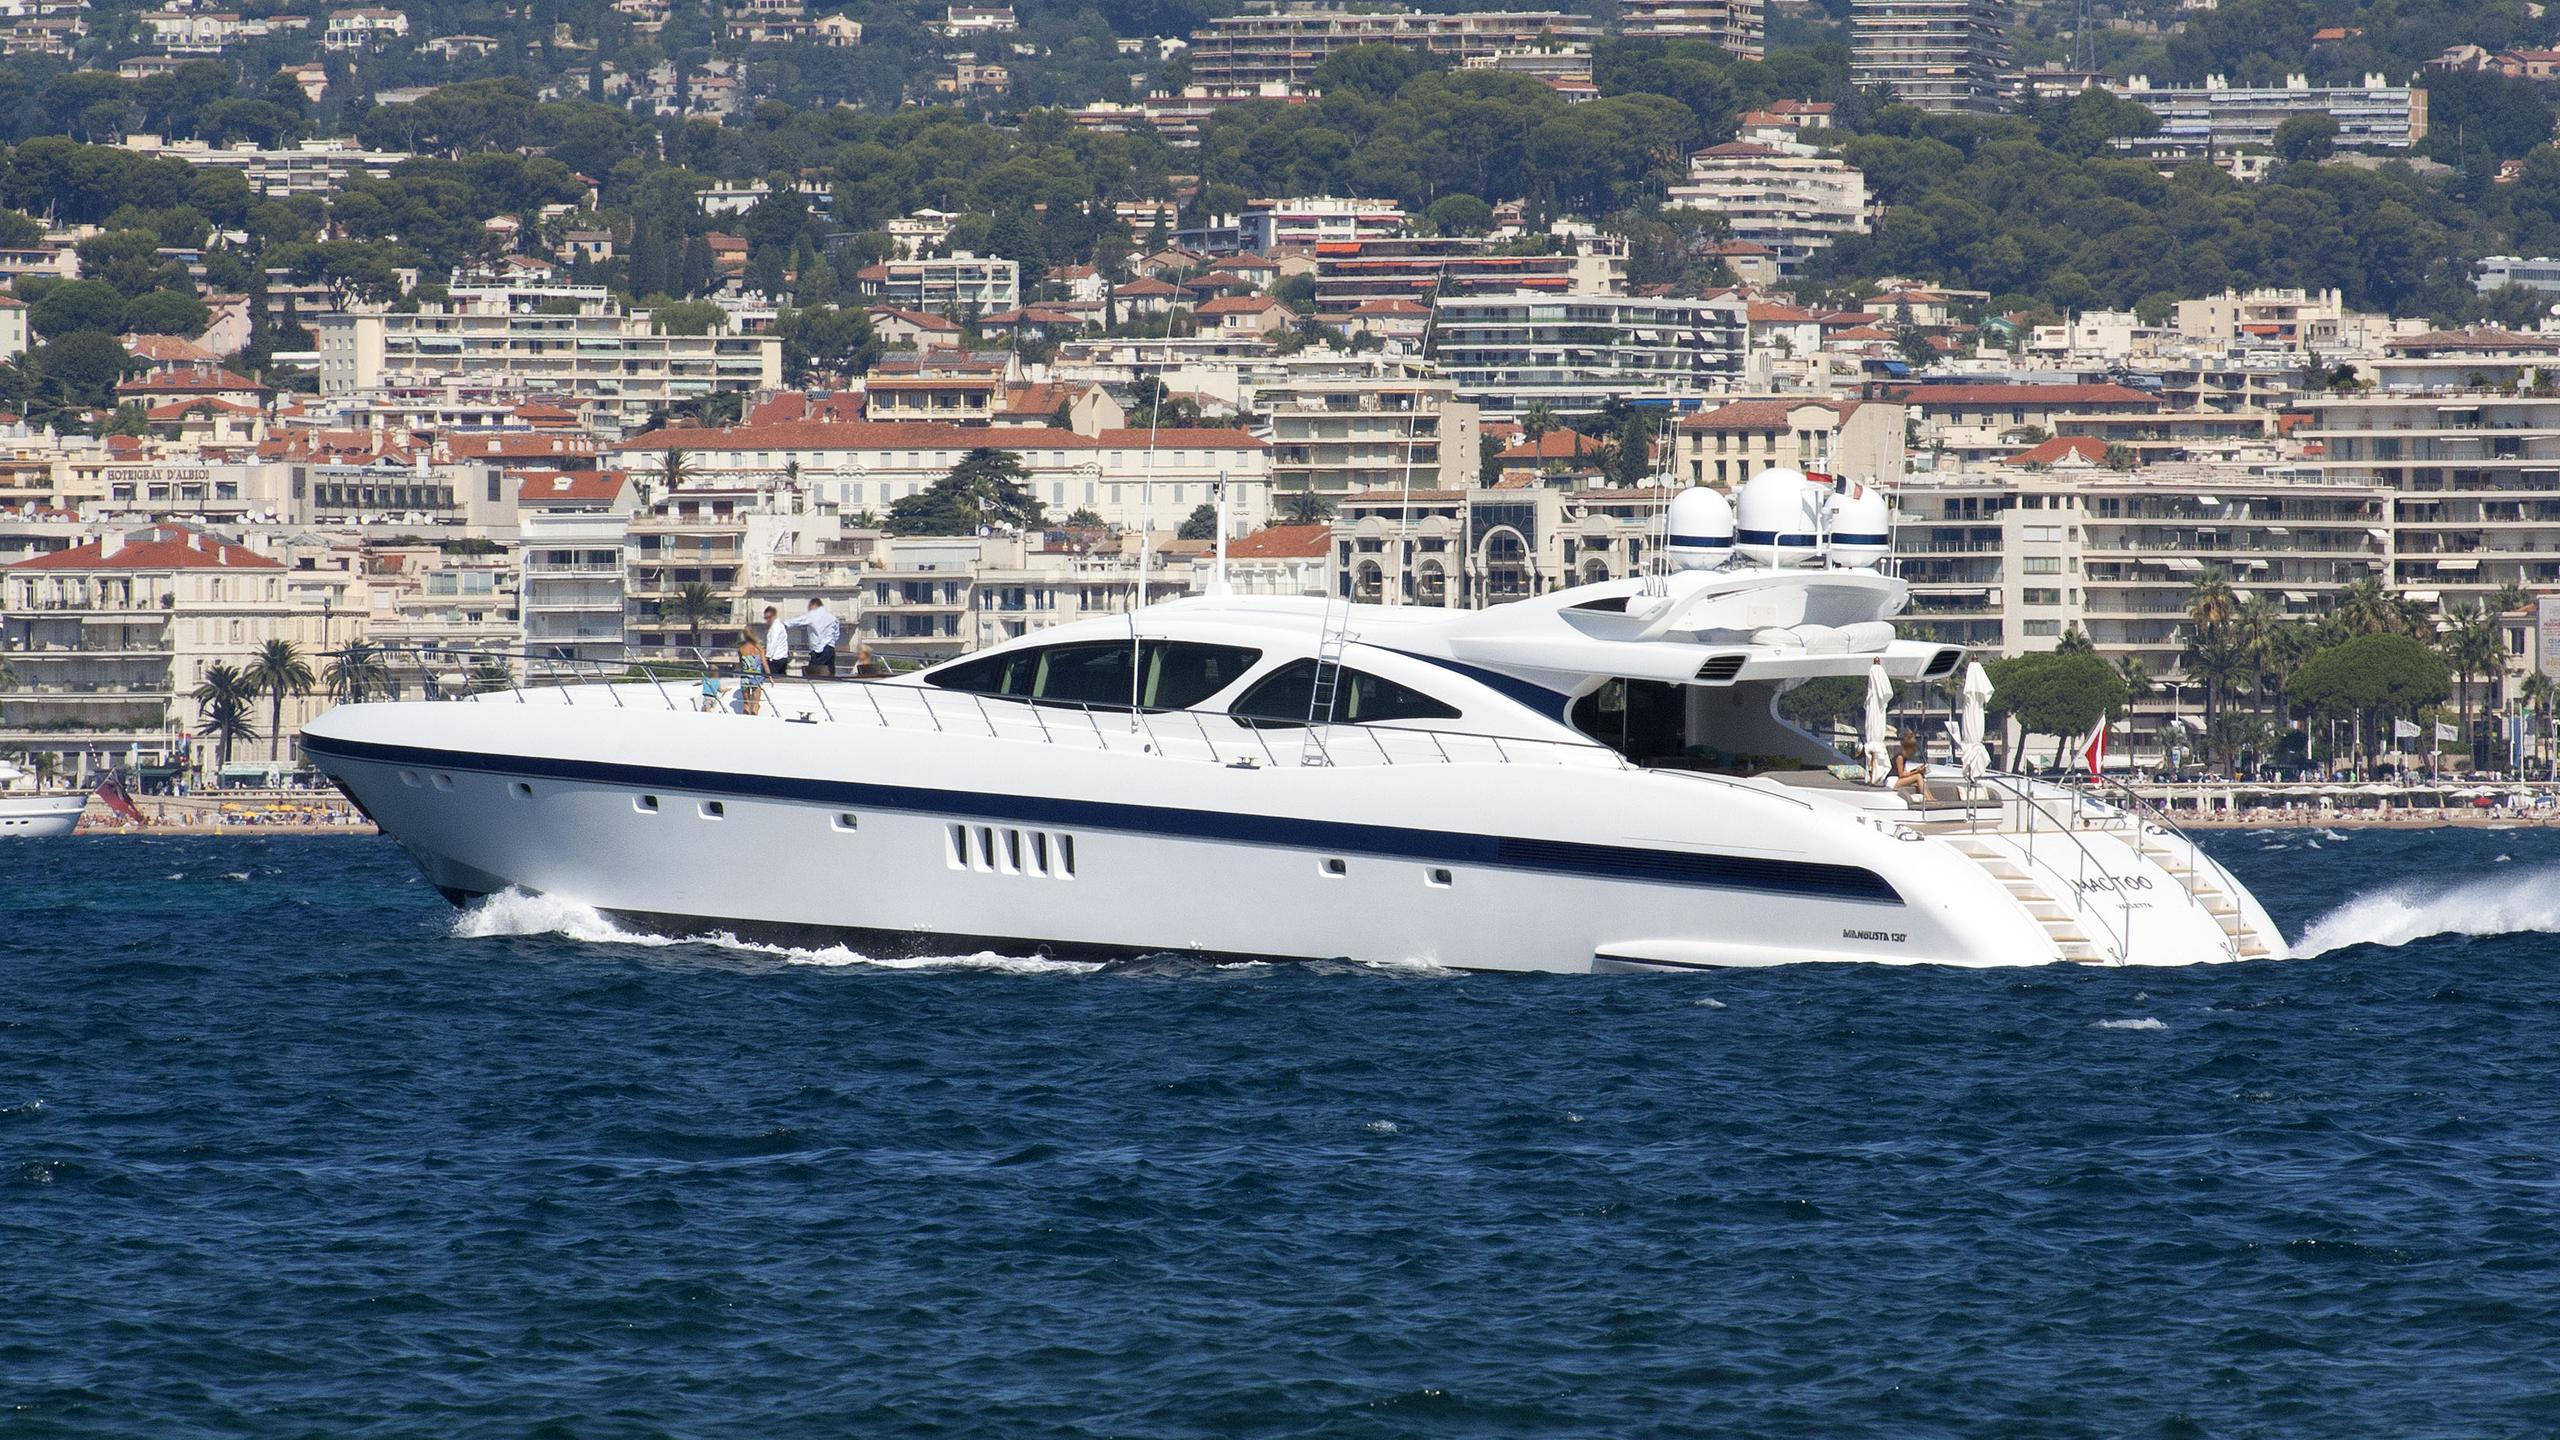 mac too motoryacht overmarine mangusta 130 2008 40m cruising profile